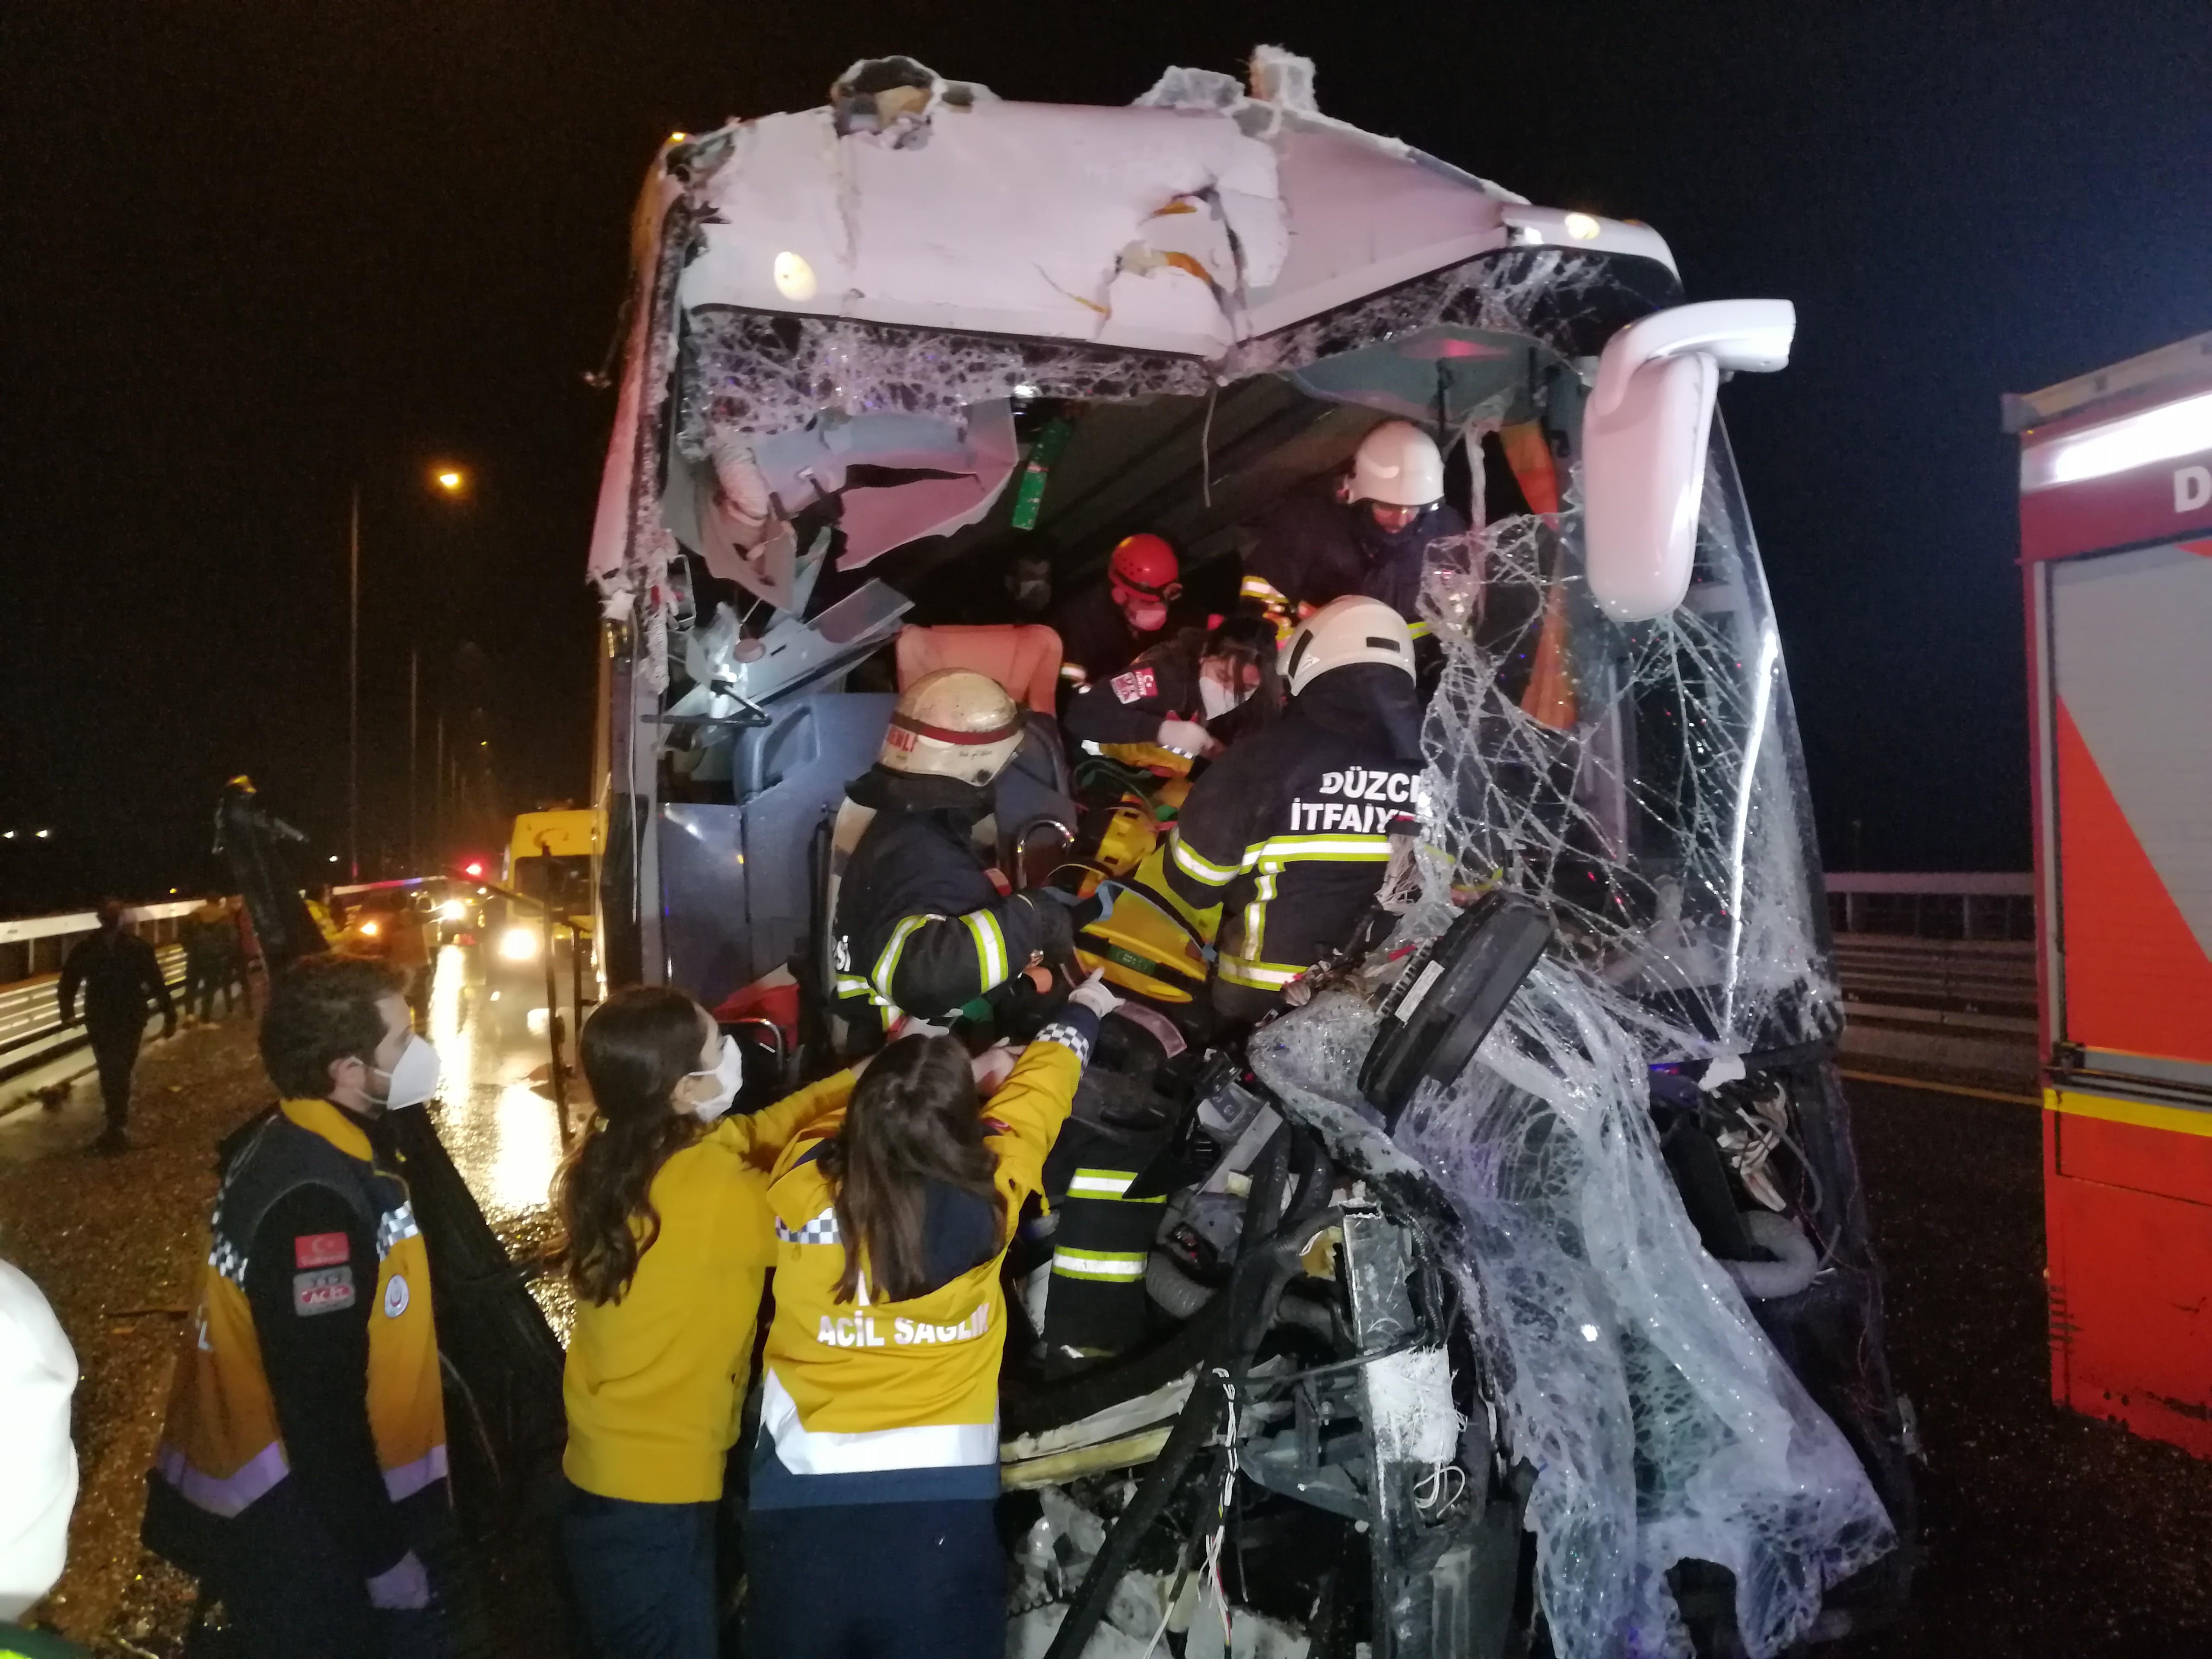 Düzce'de can pazarı! Yolcu otobüsü kamyonete arkadan çarptı: 1'i ağır 16 yaralı